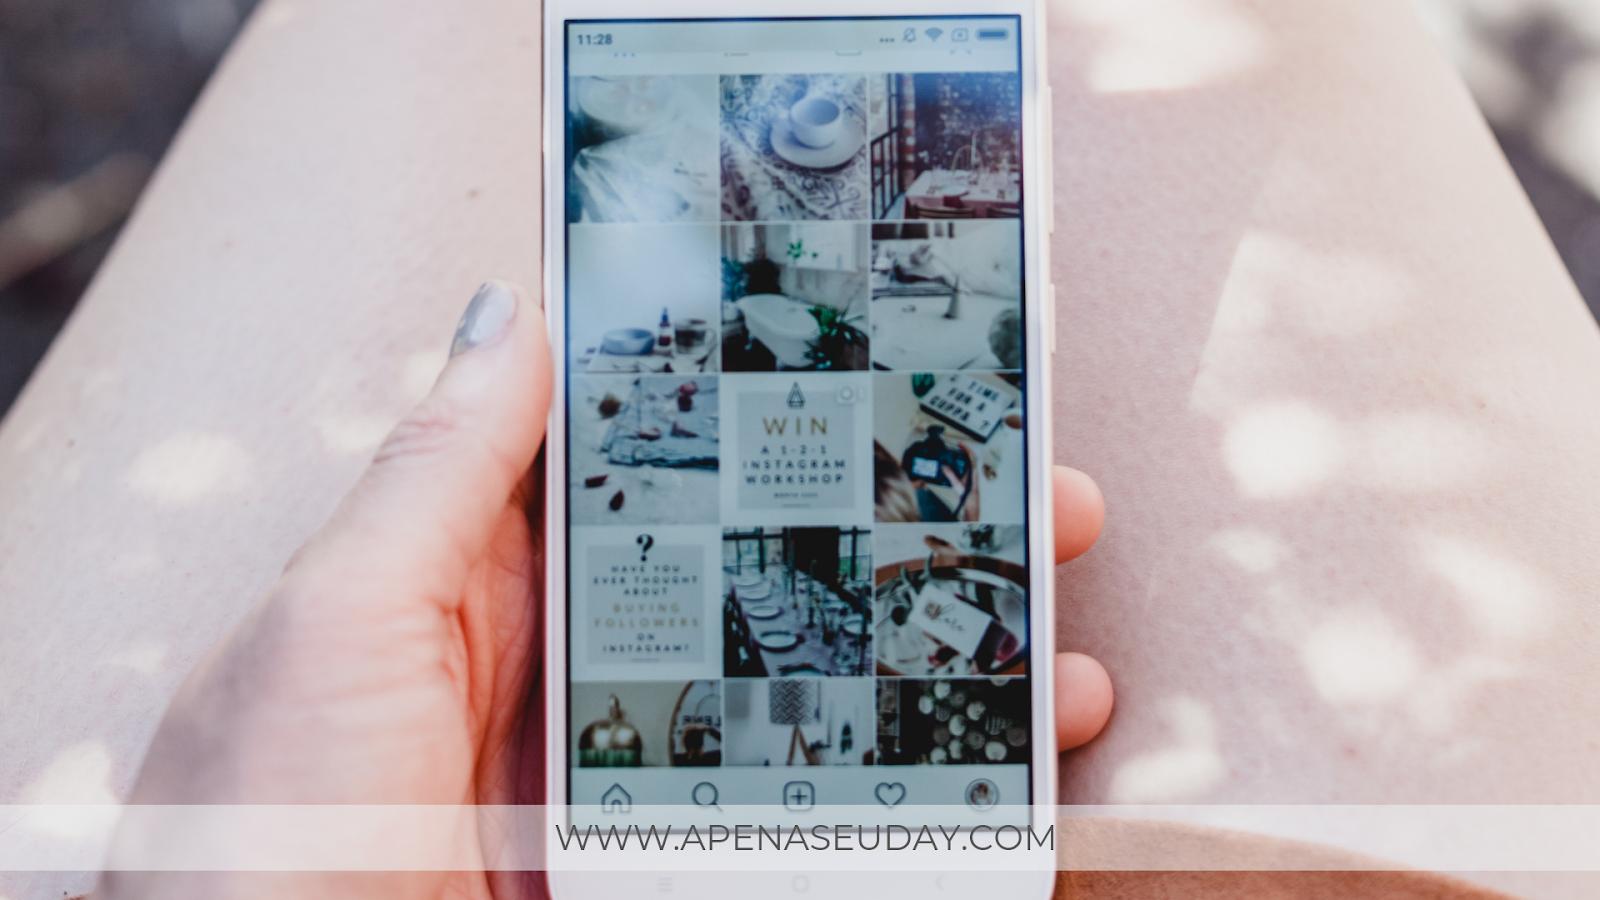 O Instagram se tornou uma rede social incrível mas para driblar seu algoritmo é preciso criatividade. Investir em templates e no feed organizado é a chave para crescer no próximo ano e em 2019 irá ter uma atualização maravilhosa para influenciadores digitais. Quer saber mais? Acesse agora!